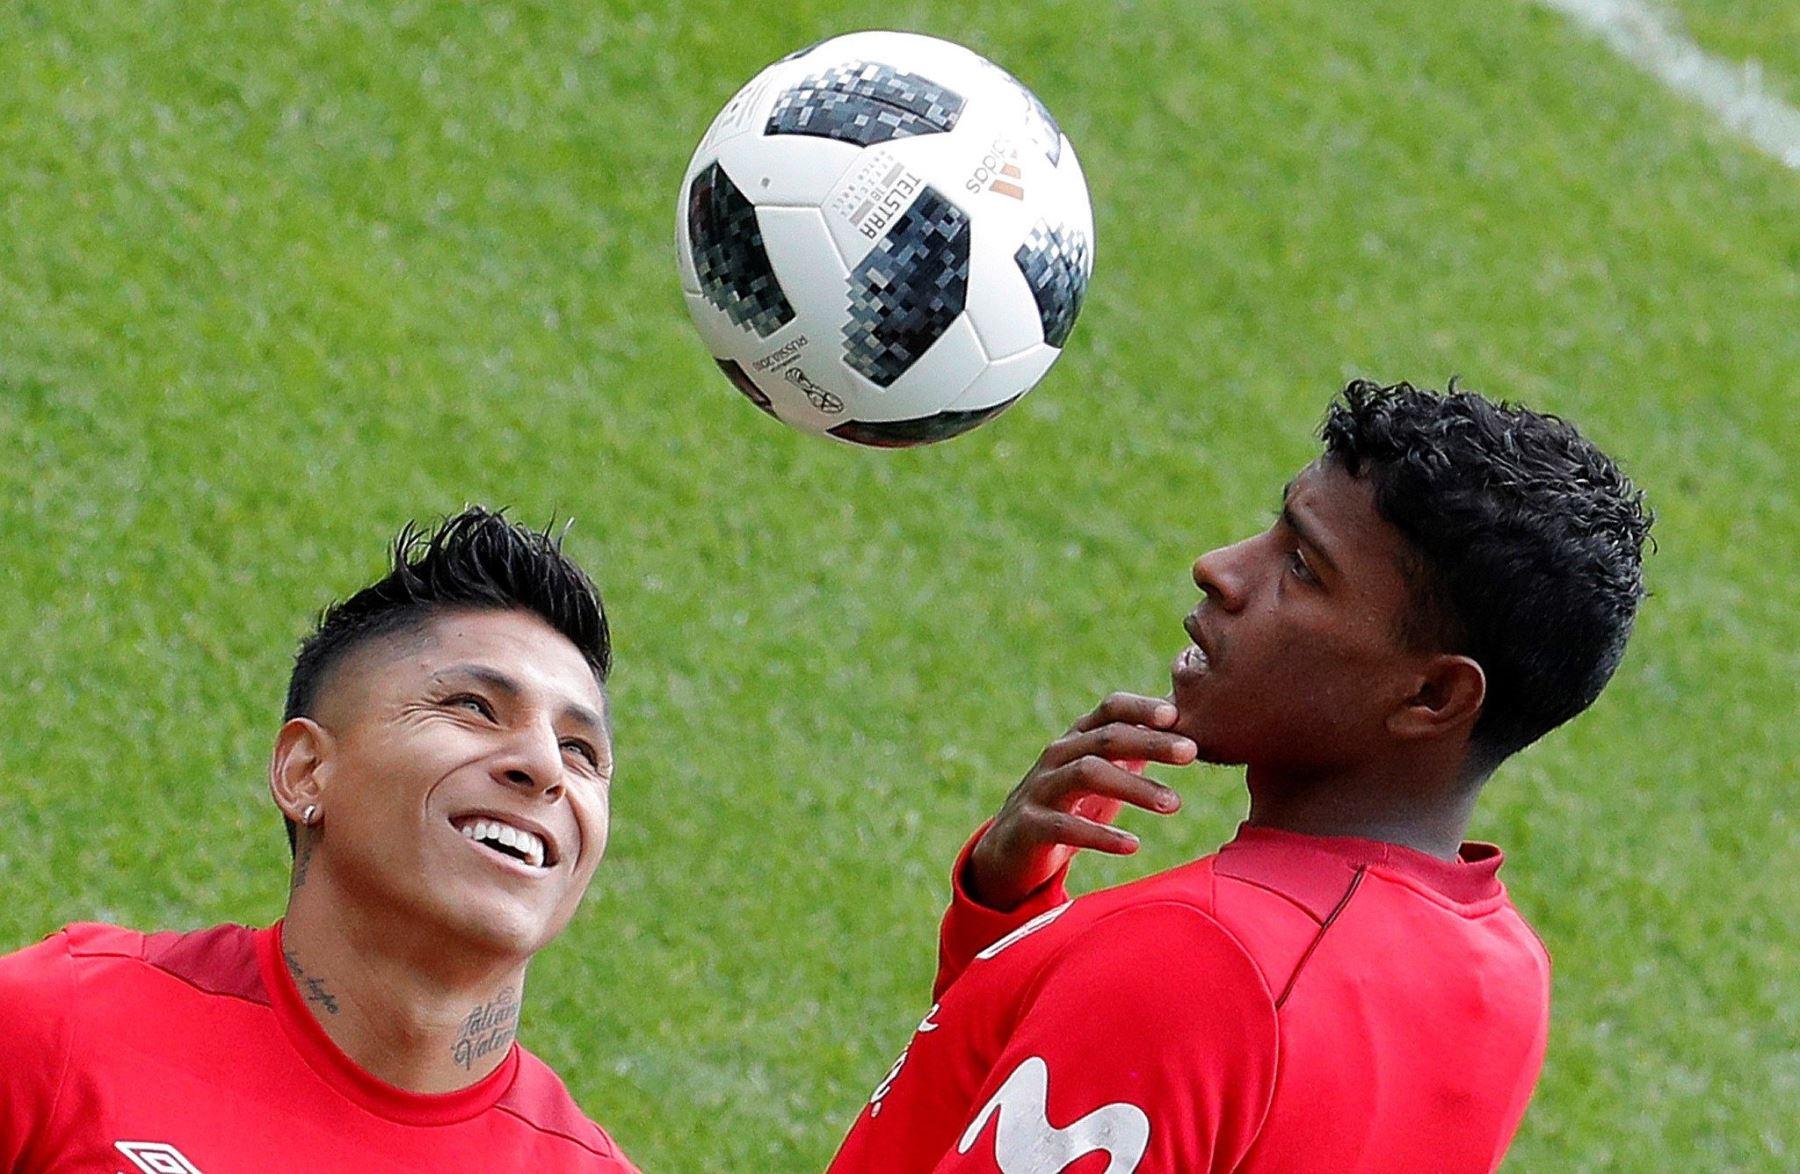 El delantero Raul Ruidiaz (i) y el defensa Miguel Araujo durante un entrenamiento de la selección peruana celebrado en el estadio Khimki de Moscú. Foto: EFE